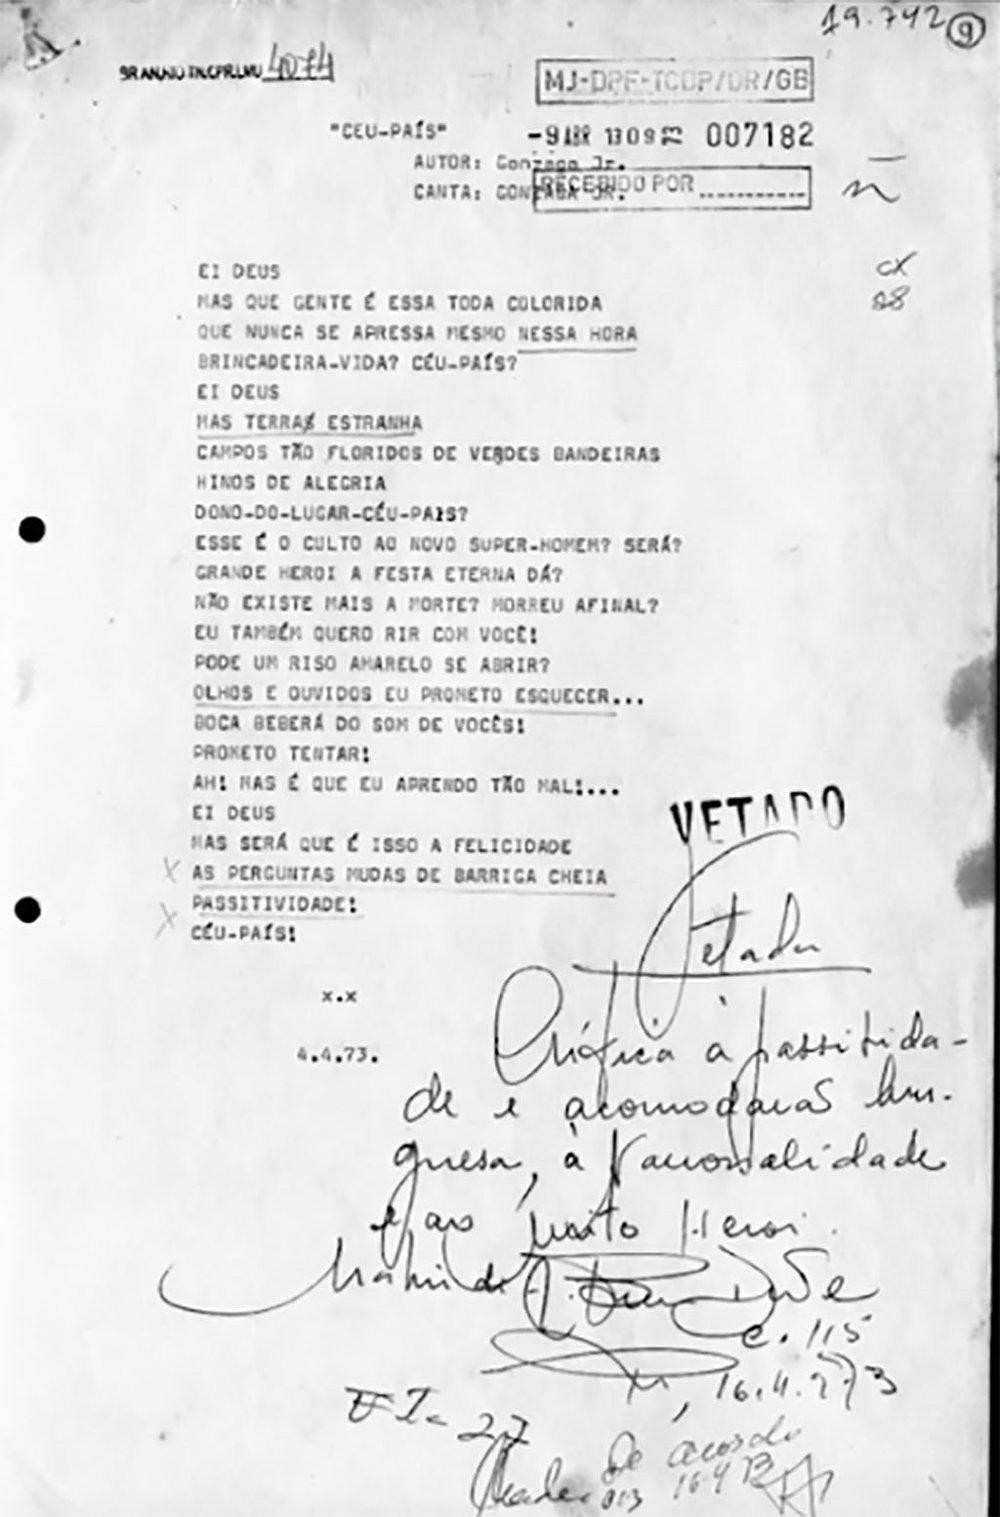 A música censurada em 1973 (Foto: Divulgação)